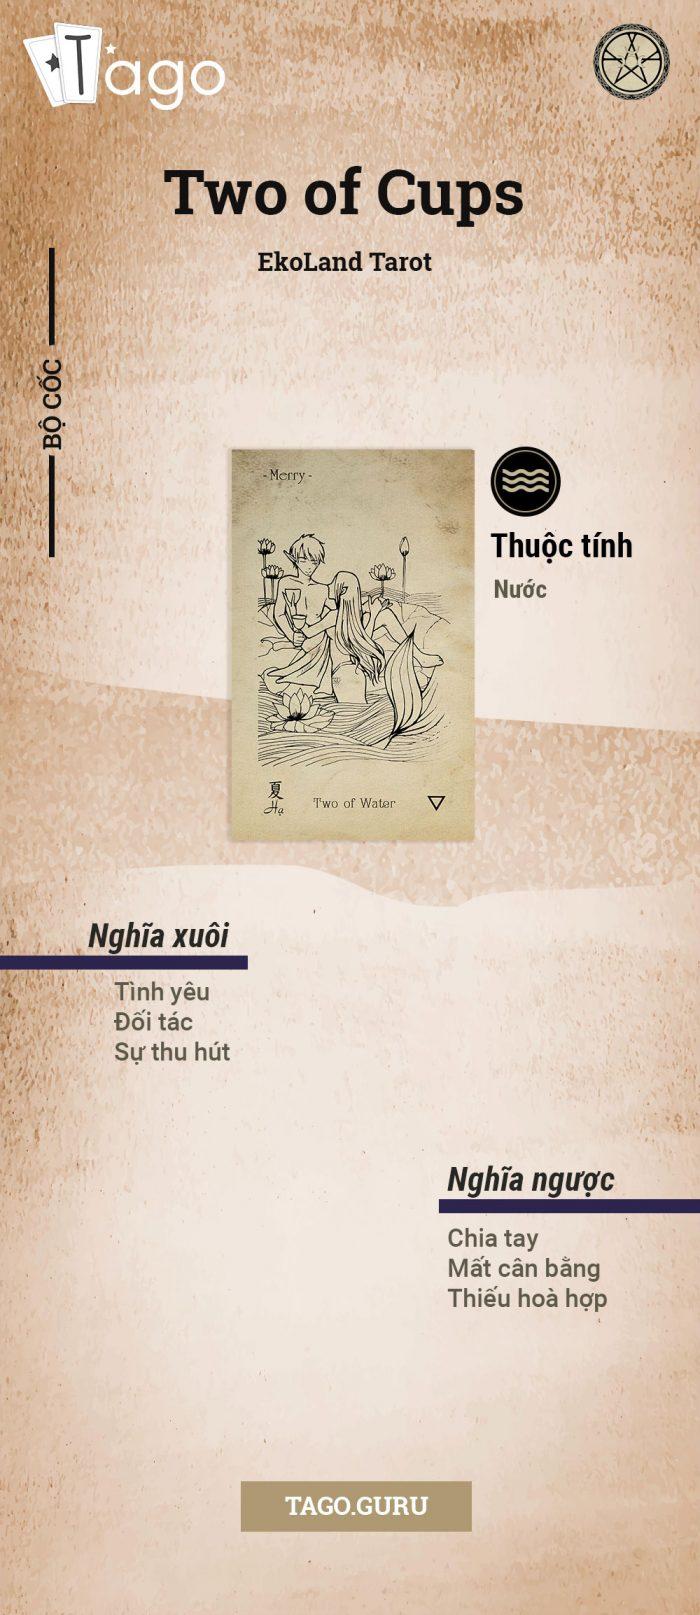 TAGO-Info-Bai-Tarot-Two-of-cups